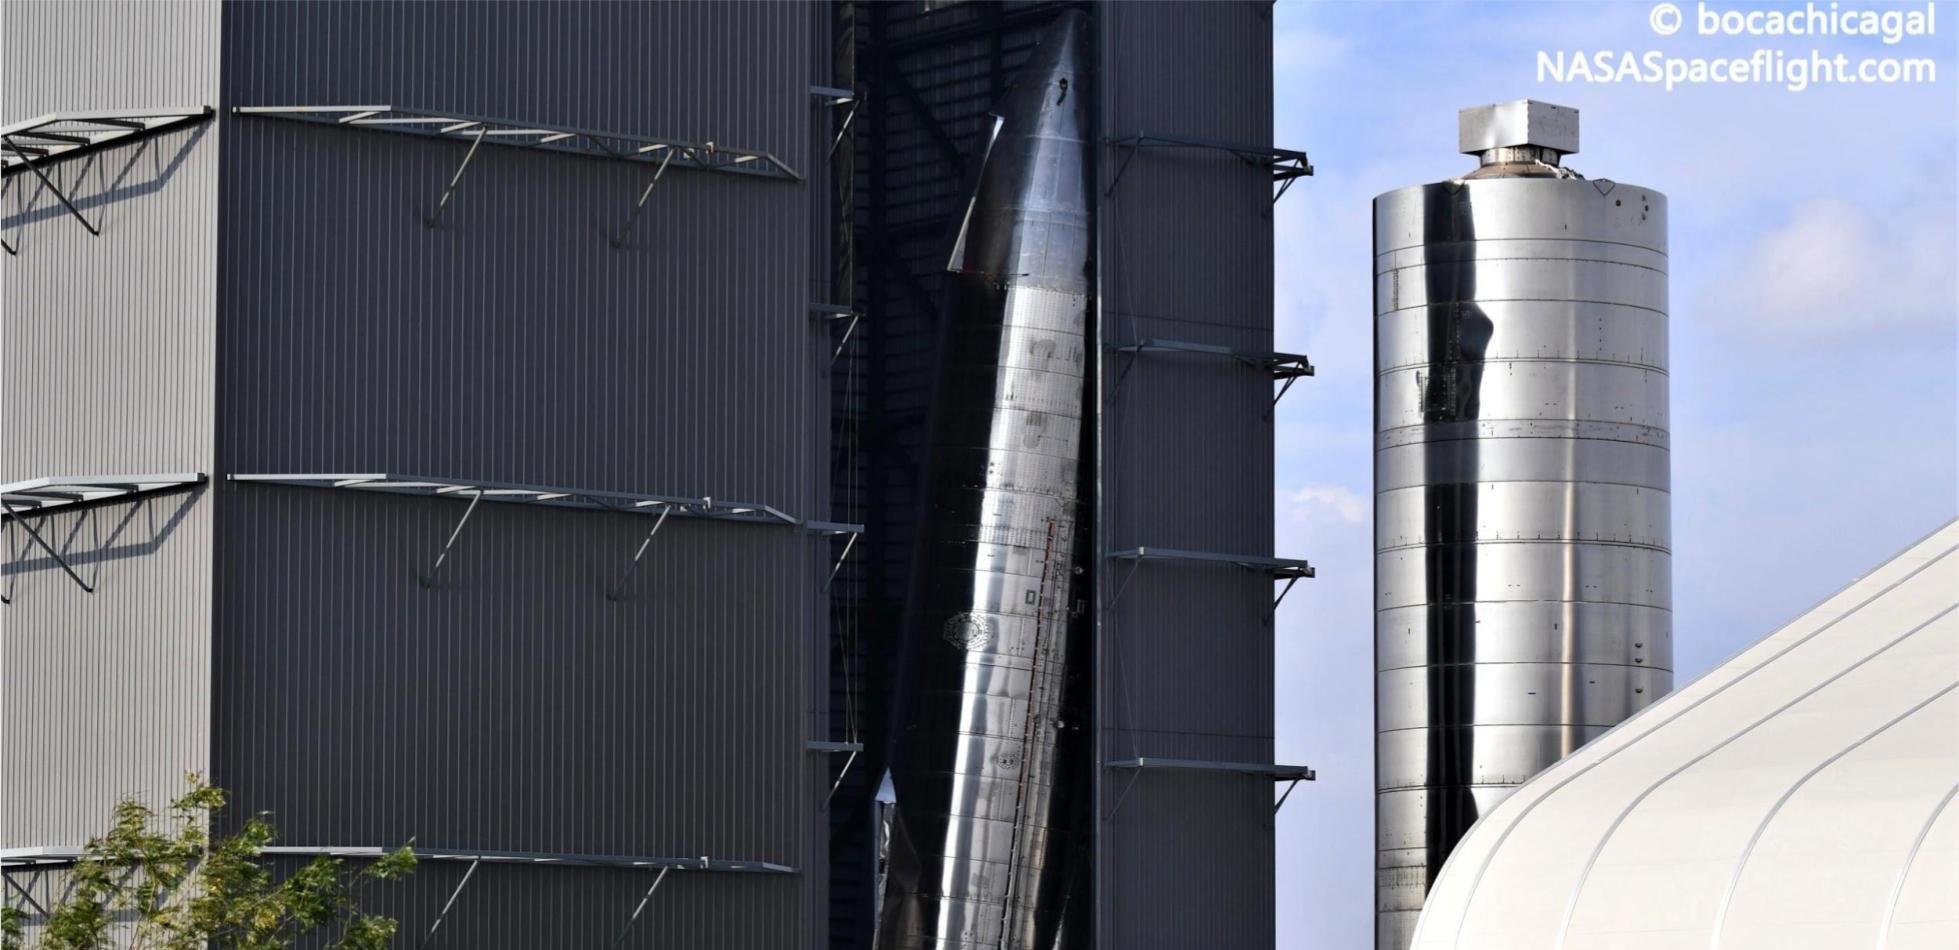 Prawie gotowy Starship SN9 uszkodzony. Czy poleci?